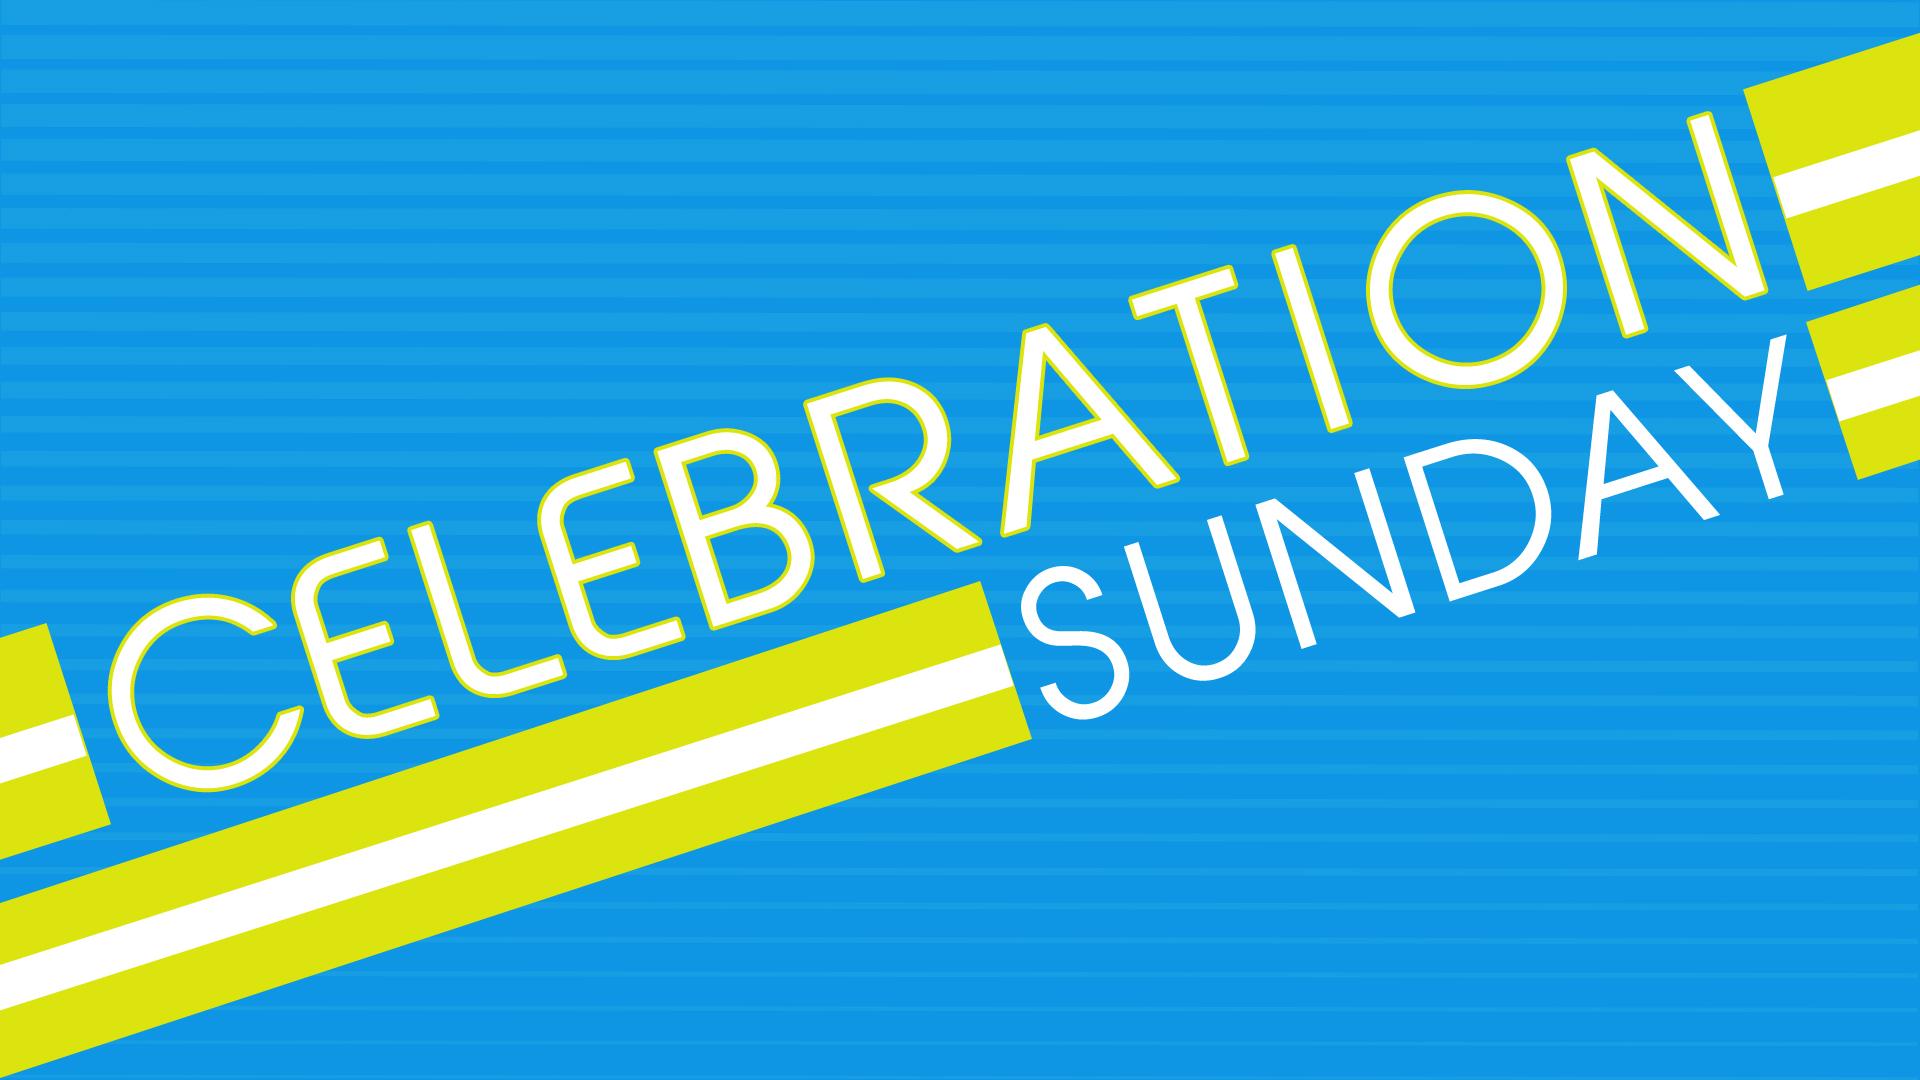 May 19 – Celebration Sunday